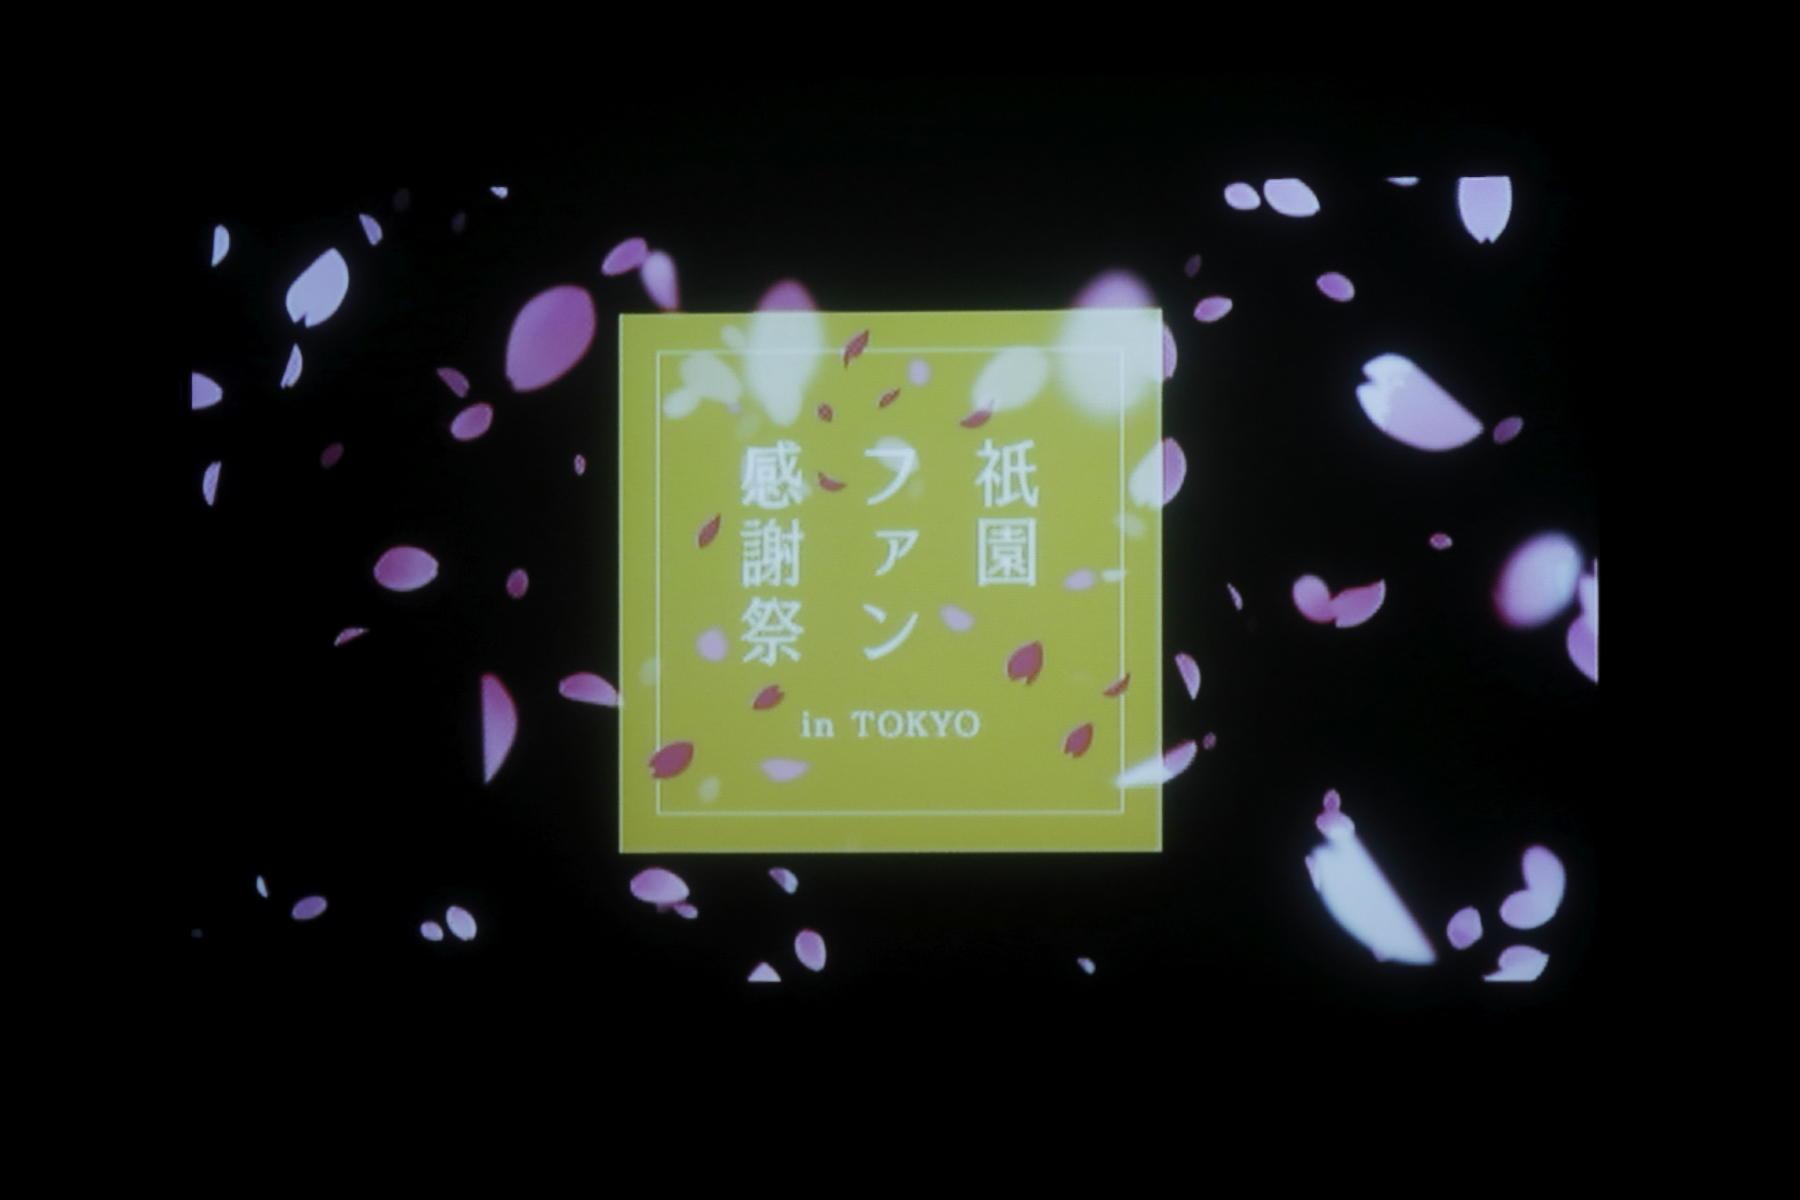 http://news.yoshimoto.co.jp/20181204225813-260b369736778ab9f39e14b96b9c286af1d2b5ea.jpg